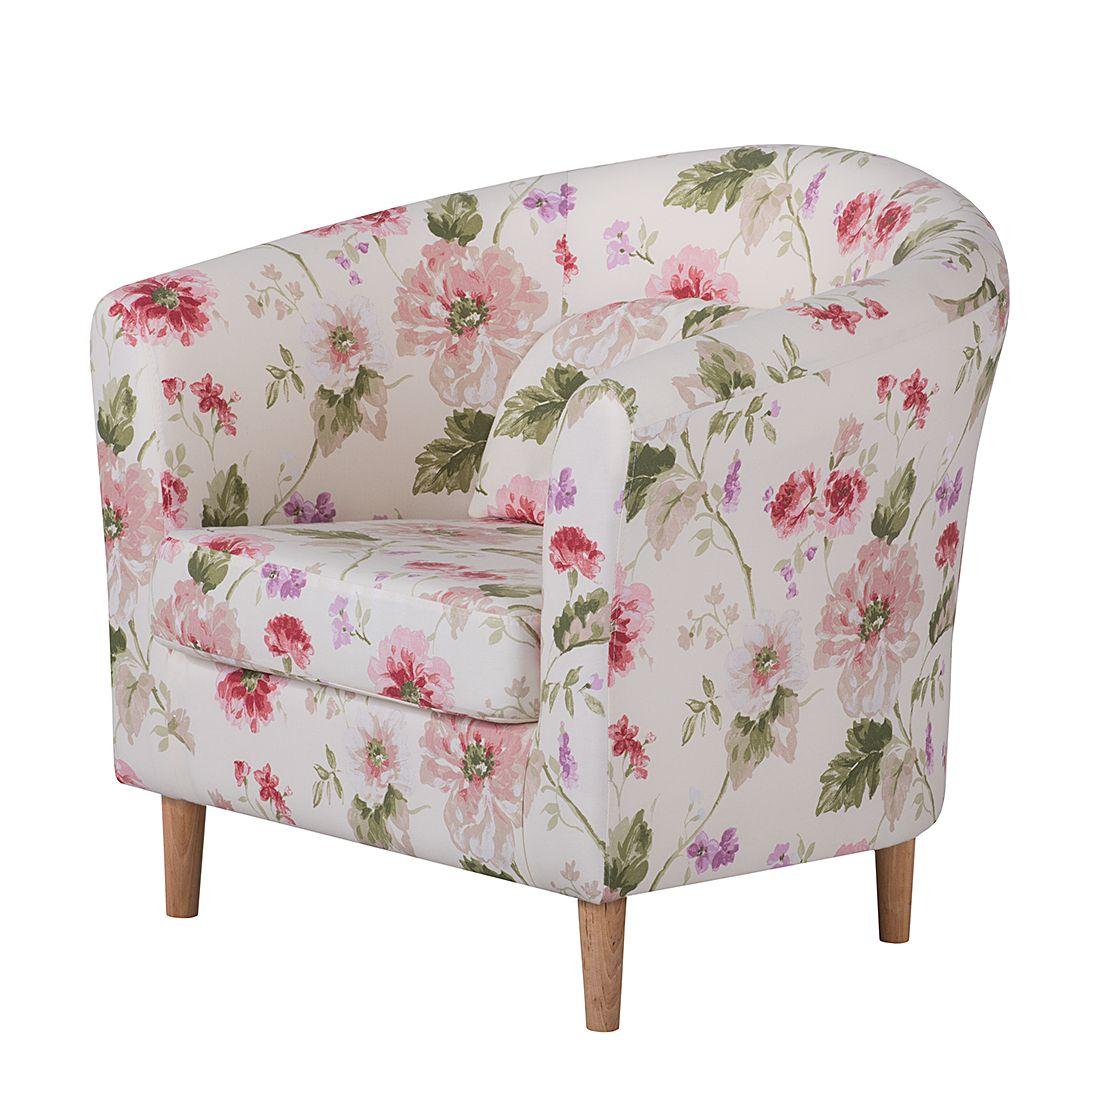 Full Size of 100 Rosa Sessel Ist Farbe Fr Sanftmut Ikea Küche Kosten Relaxsessel Garten Schlafzimmer Betten Bei Miniküche Wohnzimmer Kaufen Aldi Lounge Modulküche Sofa Wohnzimmer Sessel Rosa Ikea